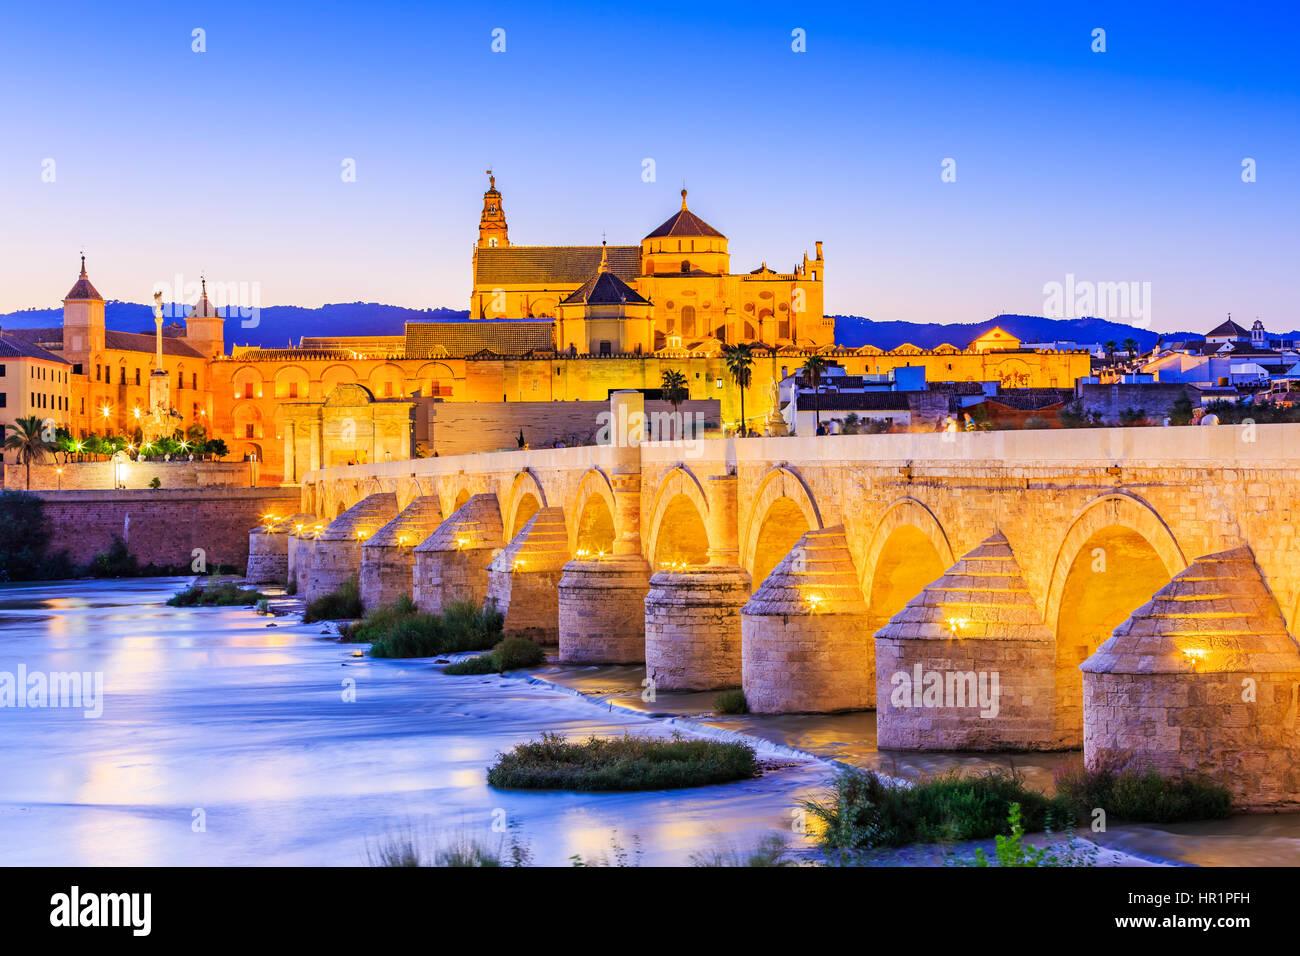 Cordoba, España, Andalucía. Puente romano sobre el río Guadalquivir y la Gran Mezquita Catedral). Imagen De Stock